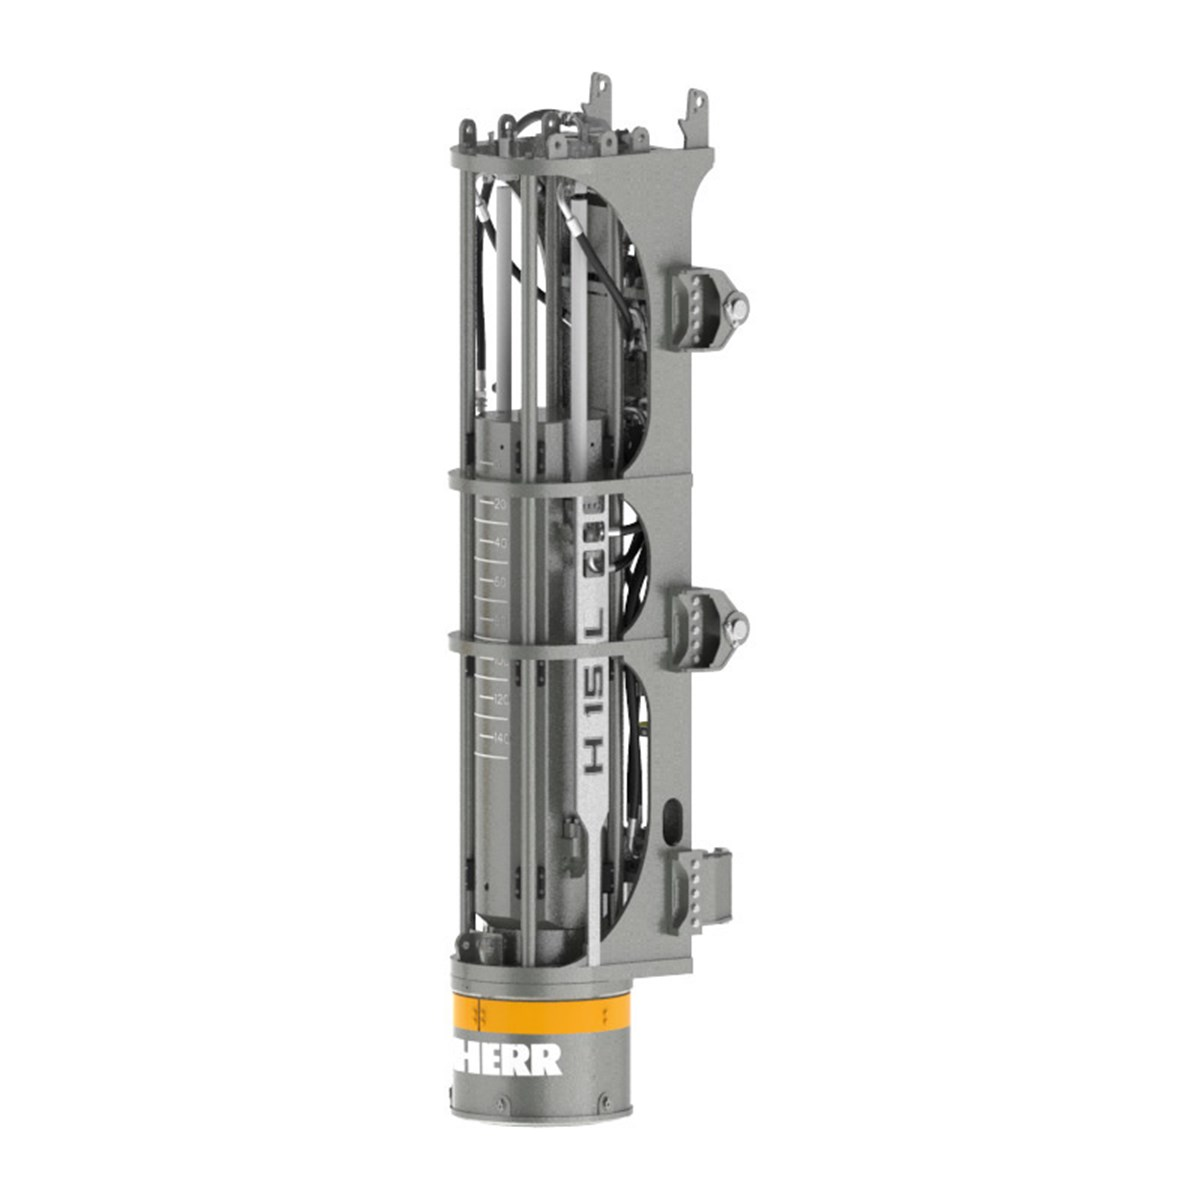 liebherr-impact-hydraulic-hammer-h-15-l.jpg